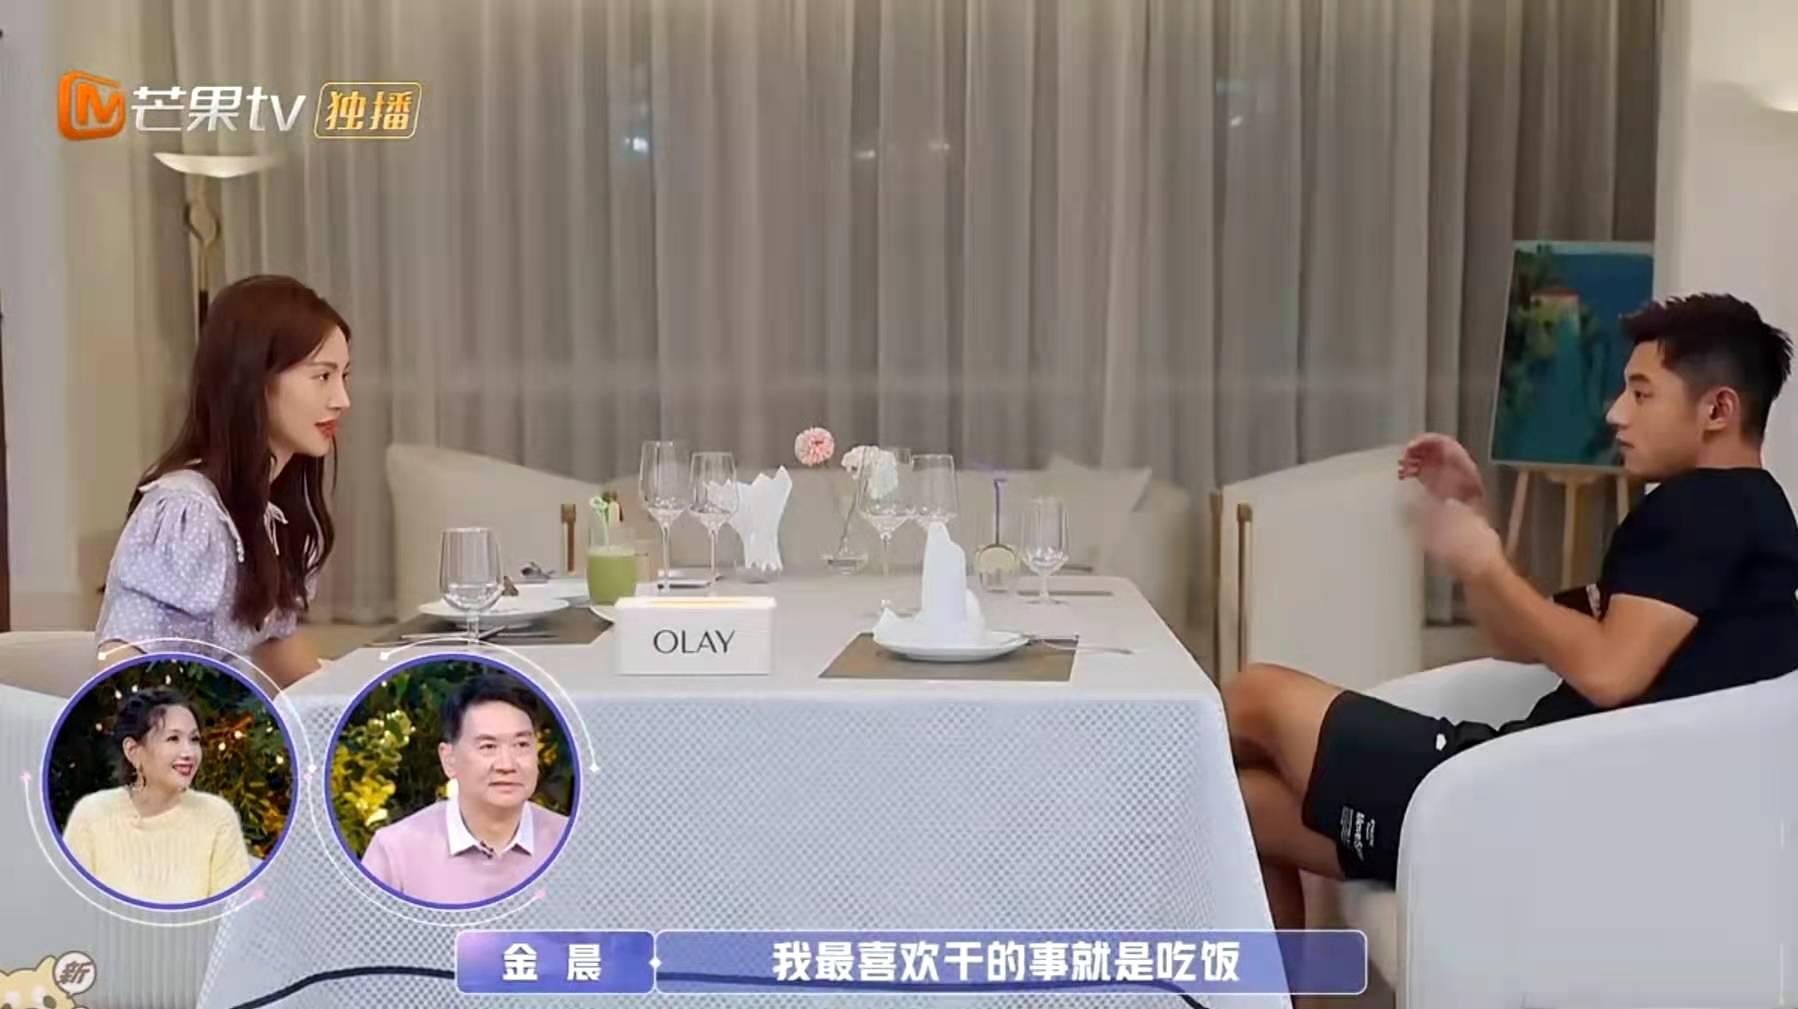 《女儿们的恋爱》:看张继科吃饭的样子,金晨拒绝他,是意料之中